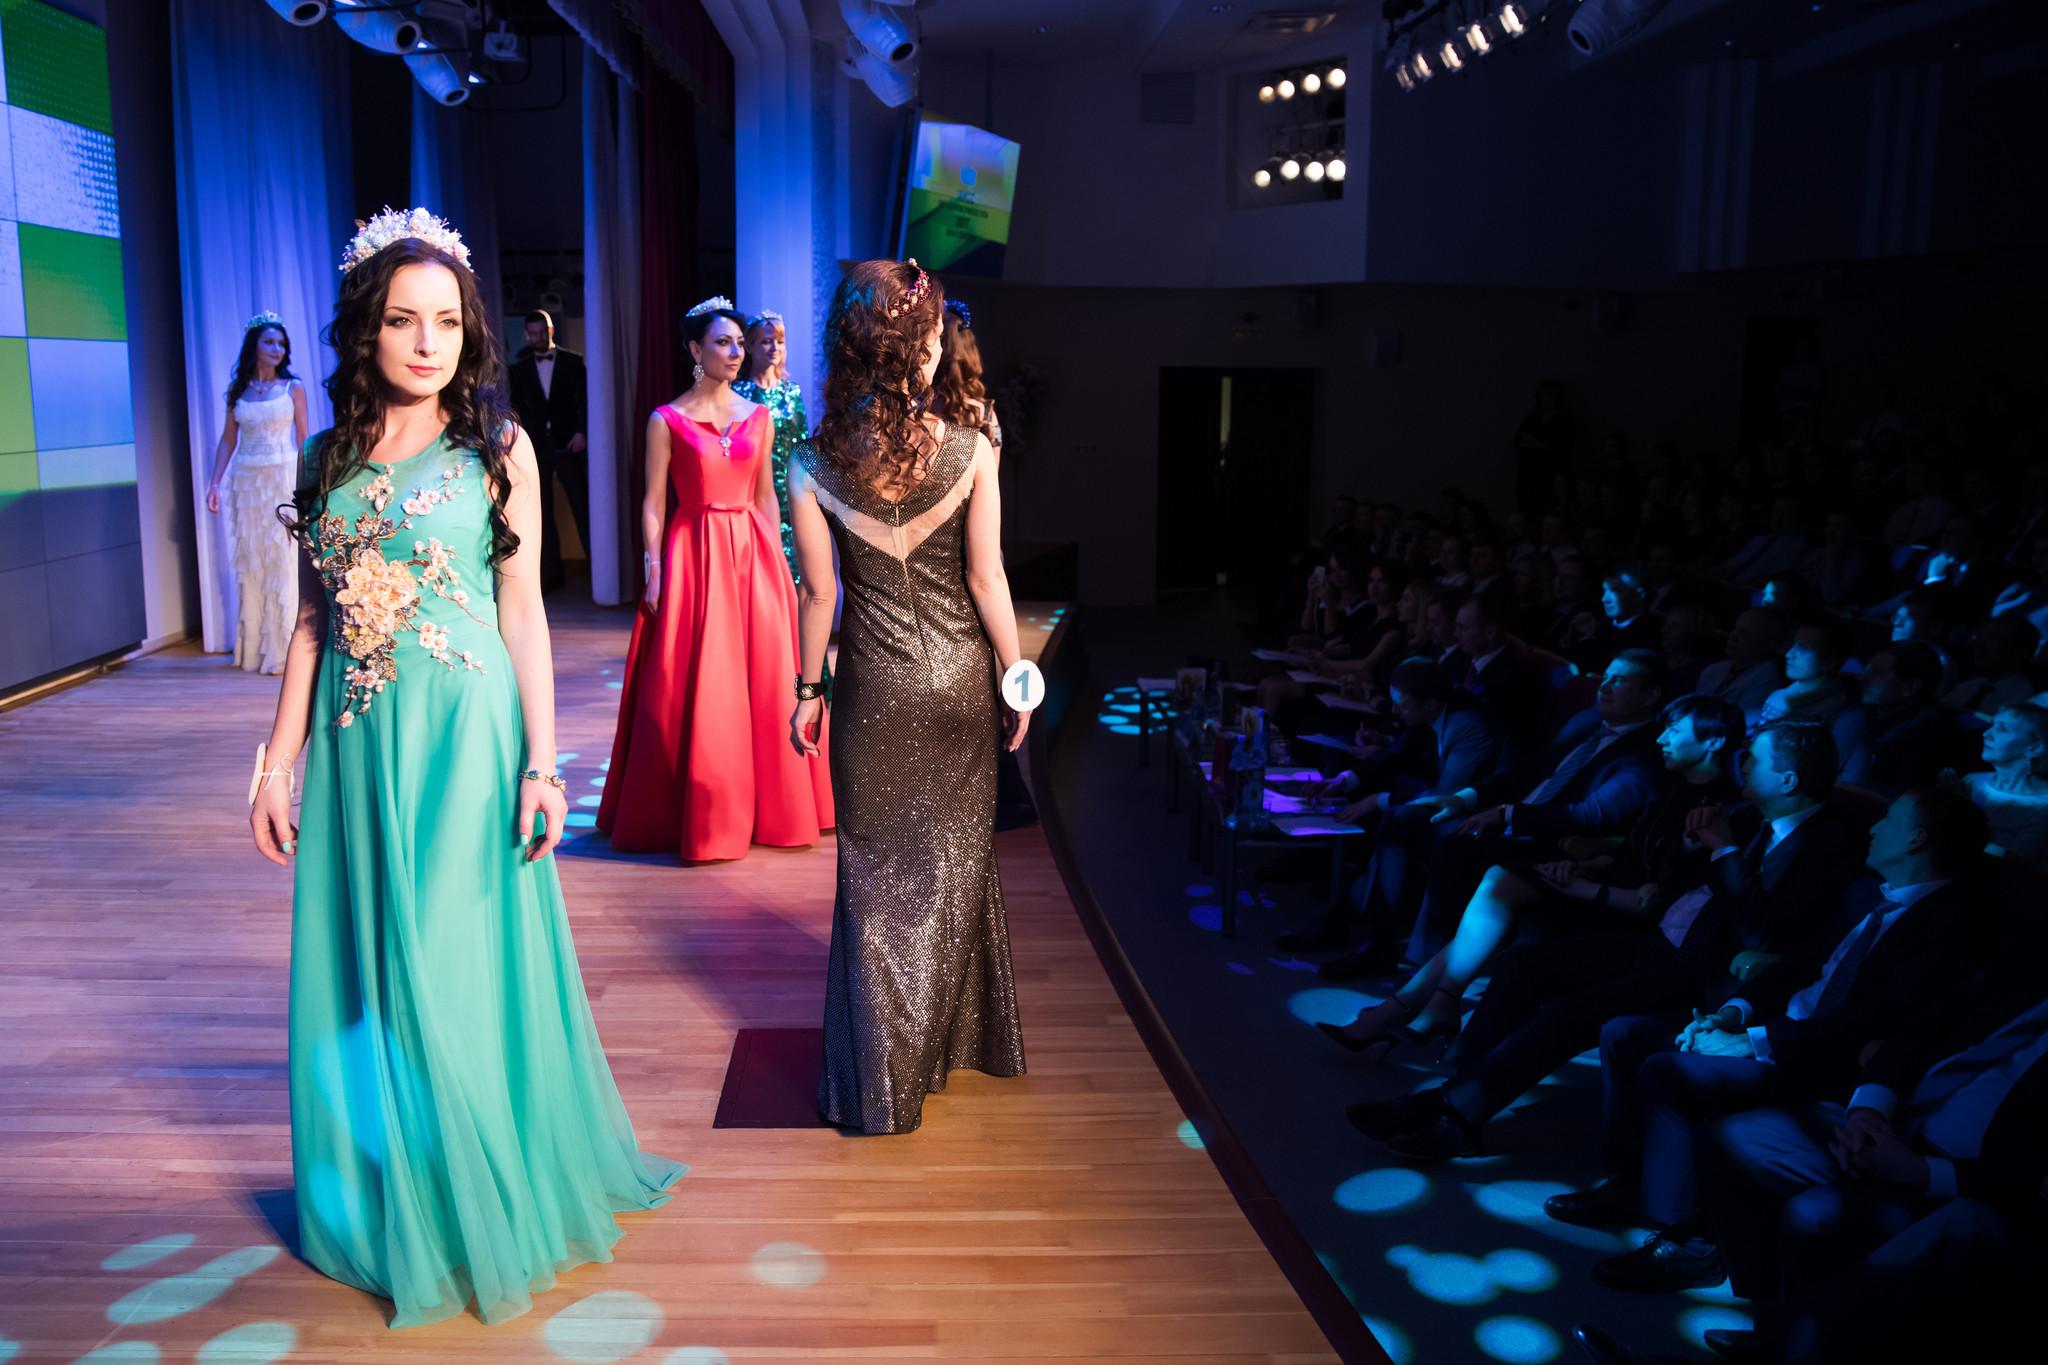 Конкурс дефиле вечерние платья